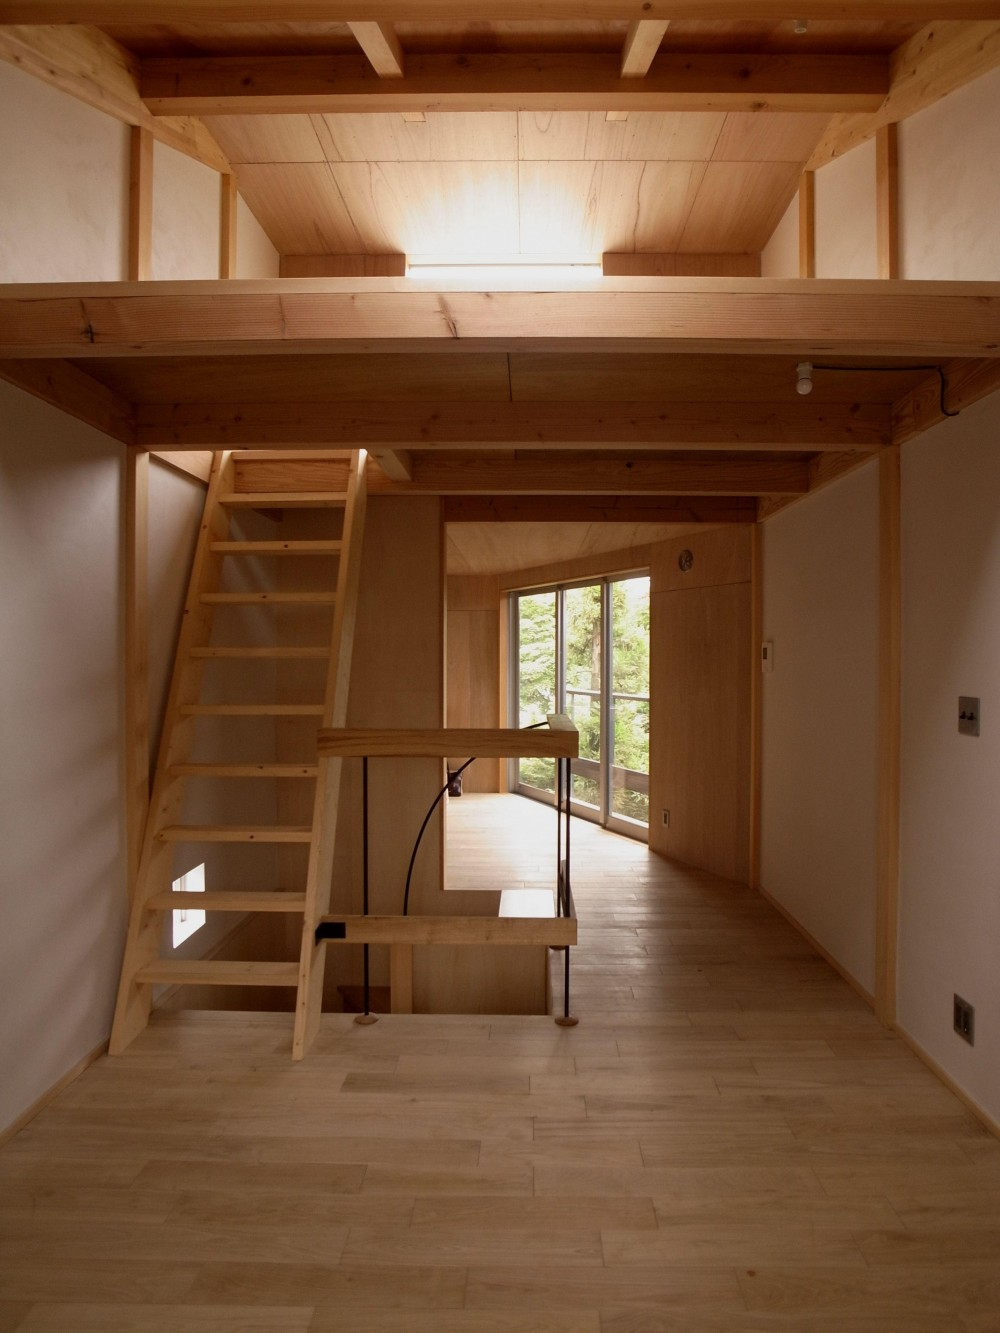 もと三軒長屋だった場所に、細長い形状の木の家をつくりました。 (リビング)